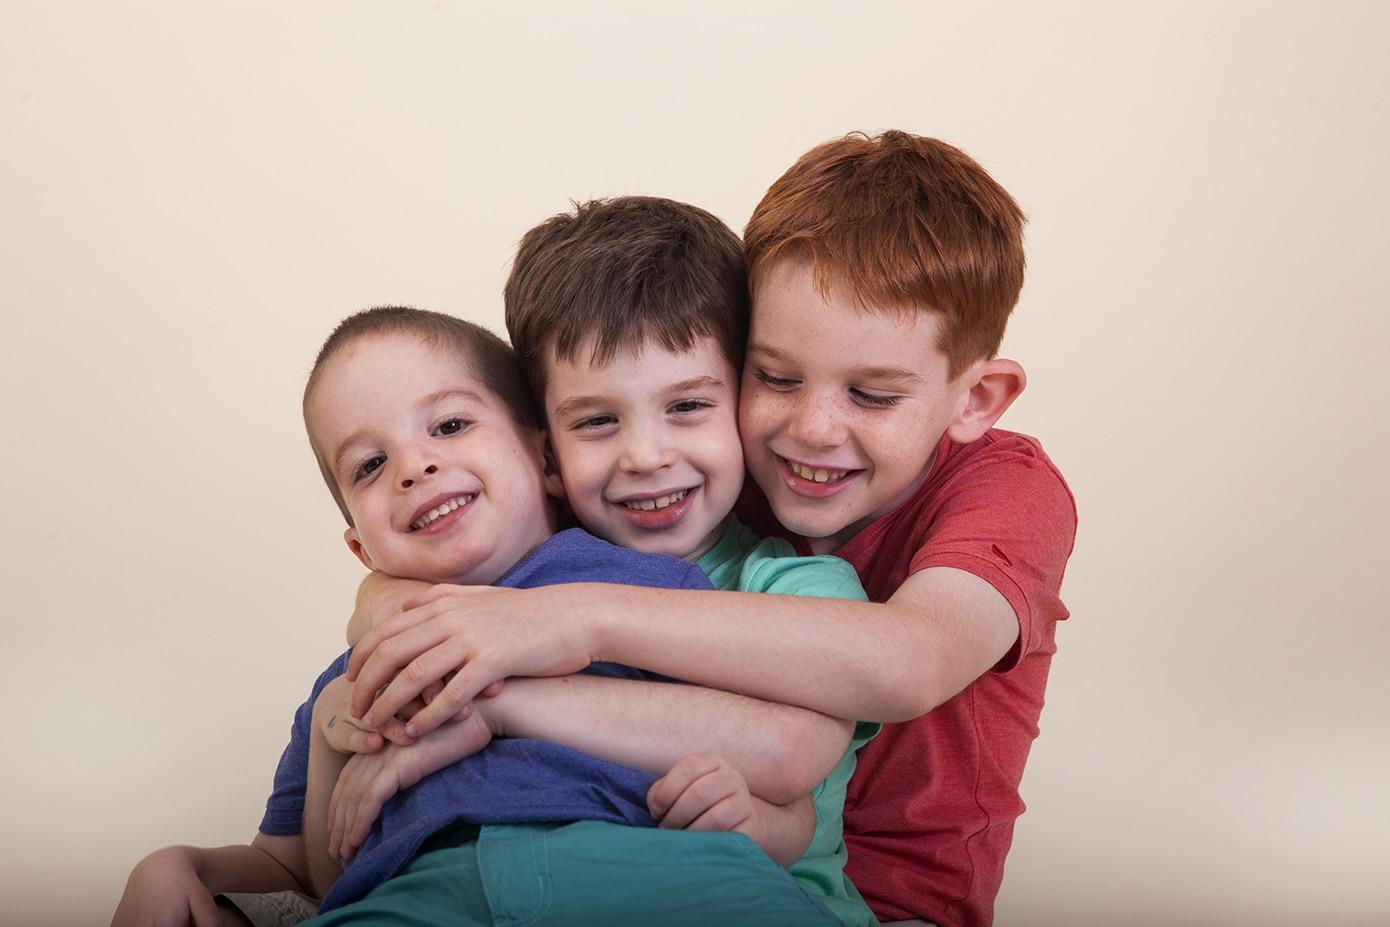 צילומי משפחה בסטודיו גיל לוין משפחת כהן ציון (3)